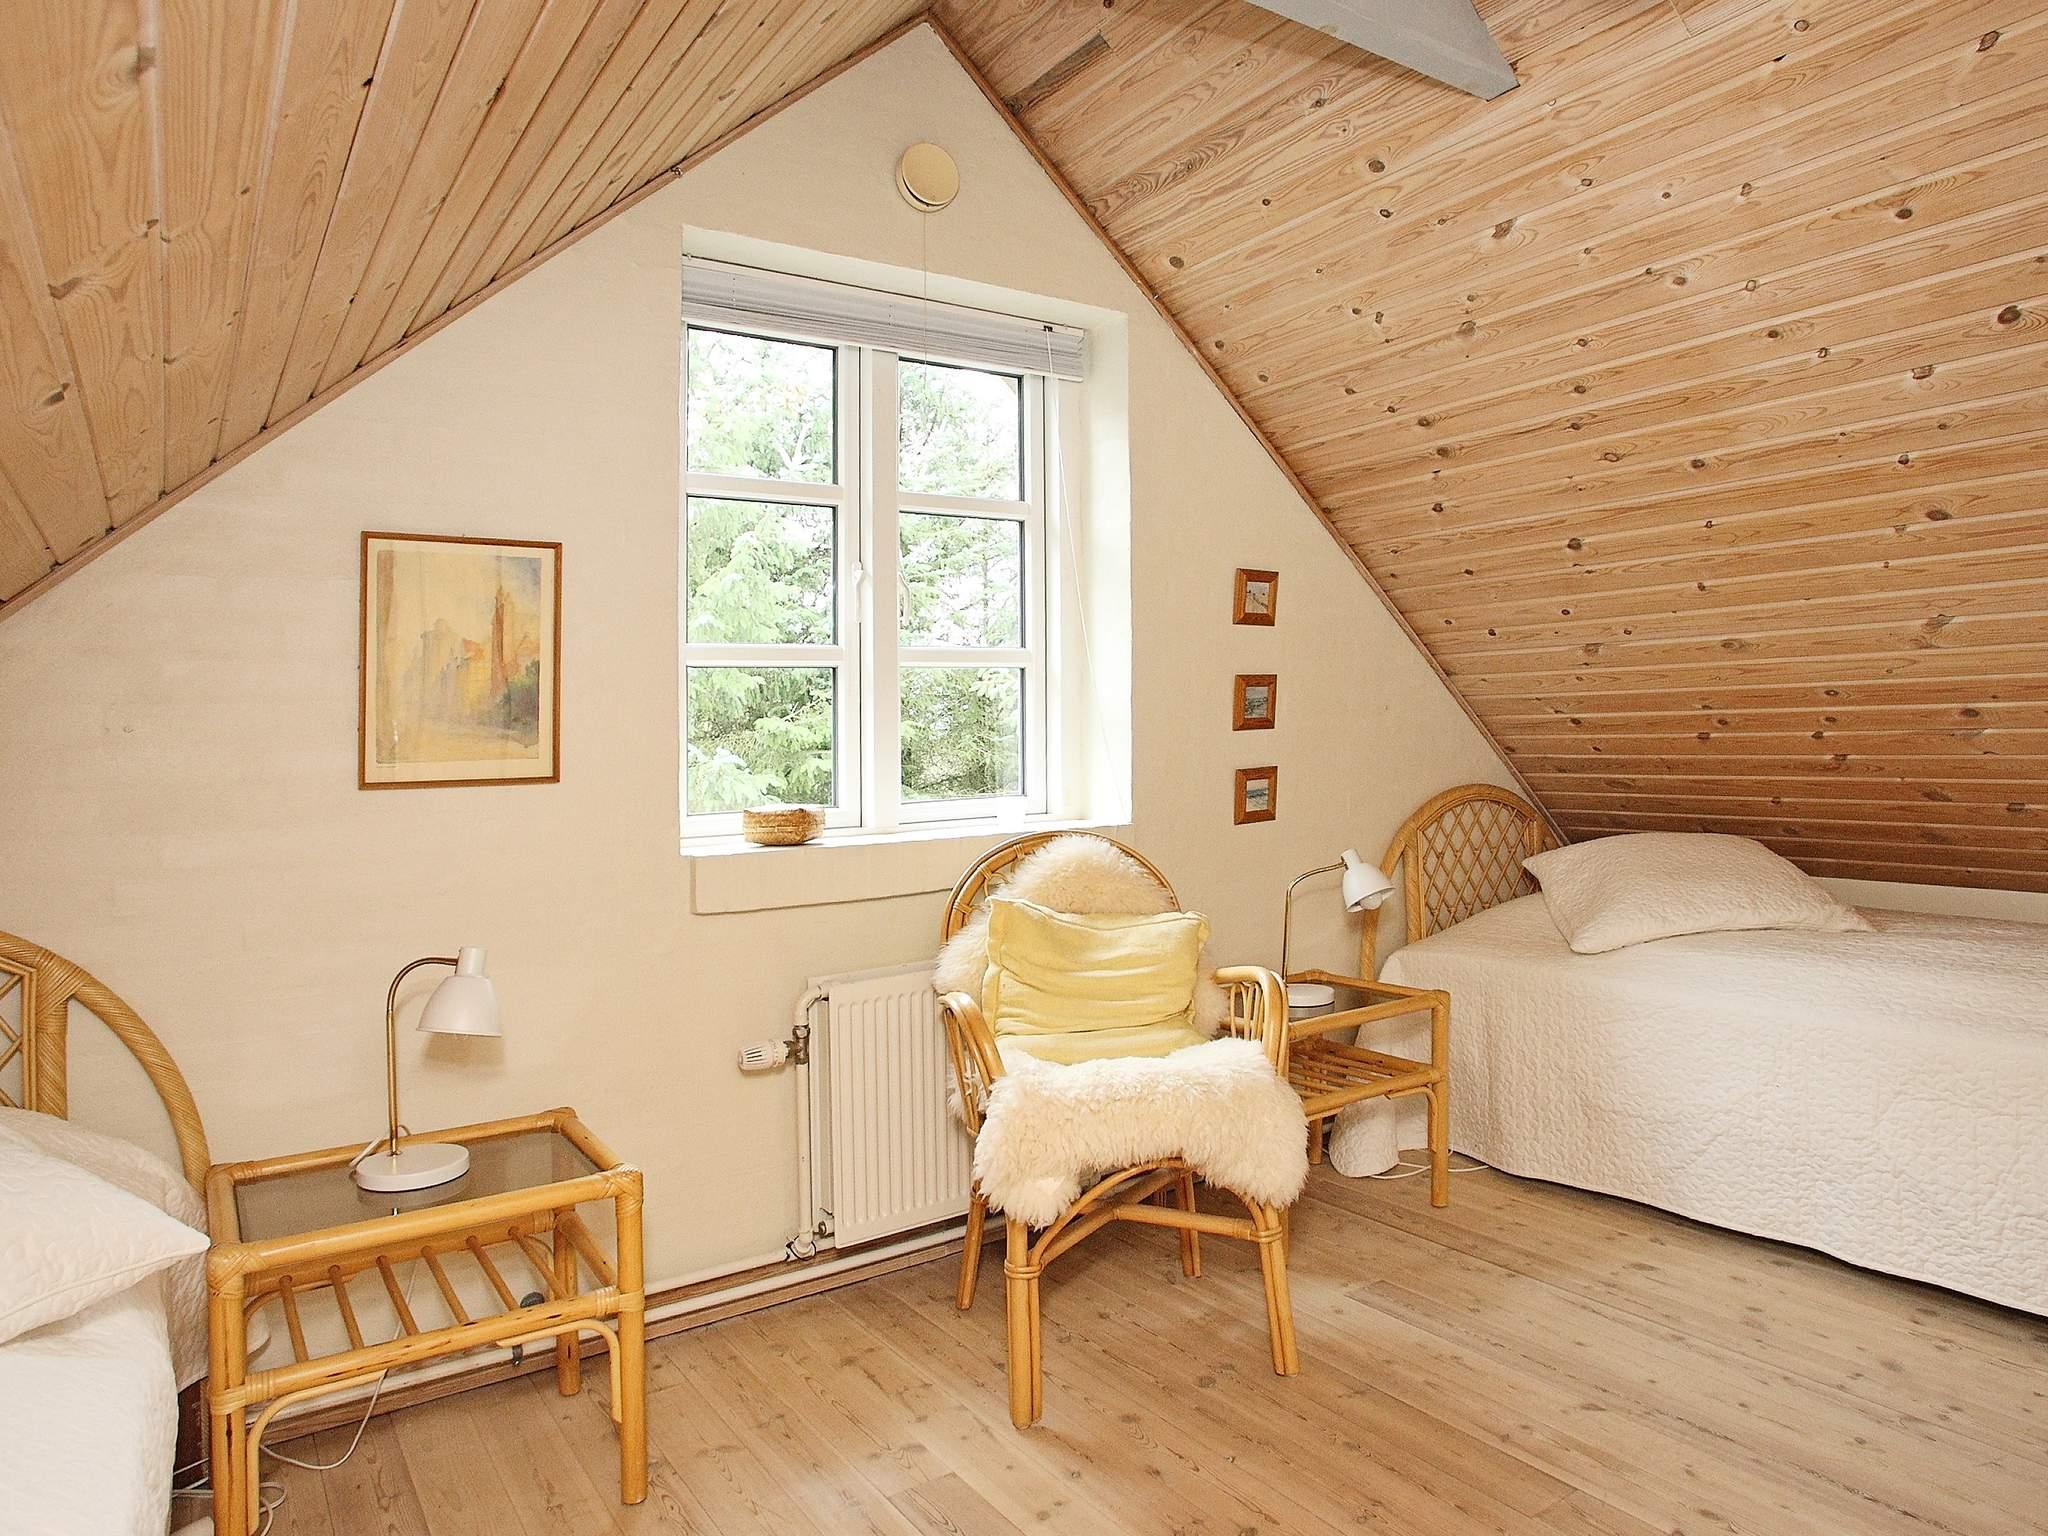 Ferienhaus Fur (83078), Fur, , Limfjord, Dänemark, Bild 13